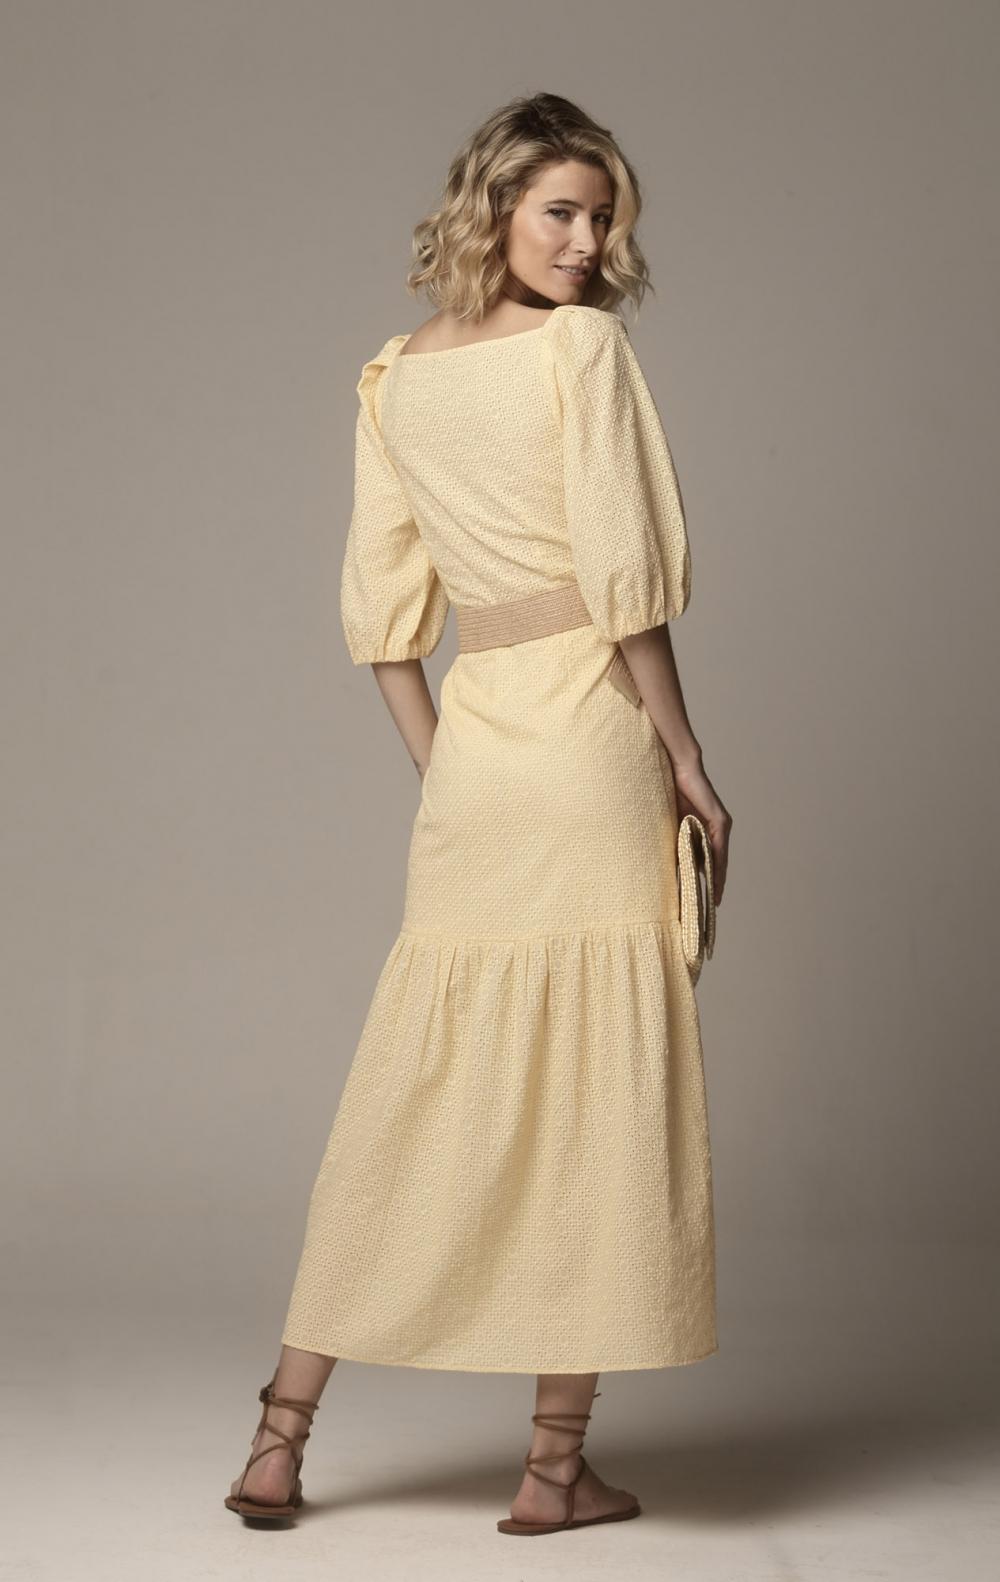 Vestido Kelly Manteiga - Foto 2